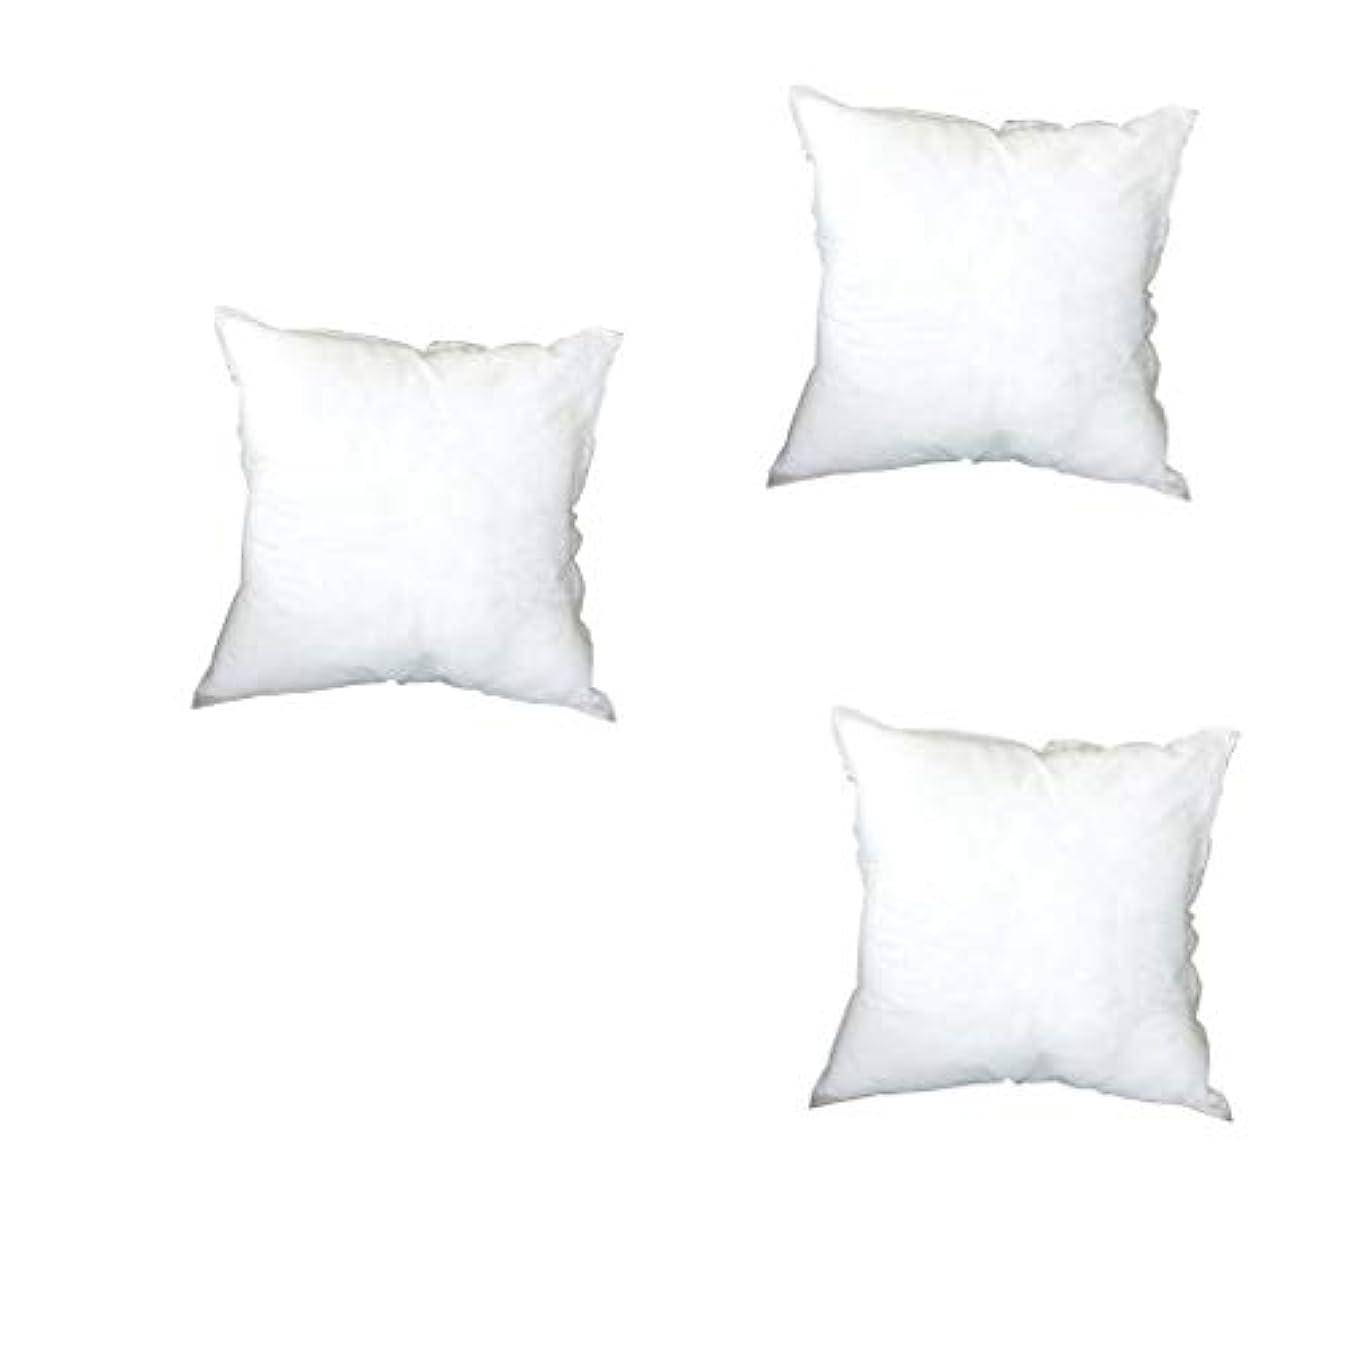 必要ないトランク香りLIFE 寝具正方形 PP 綿枕インテリア家の装飾白 45 × 45 車のソファチェアクッション coussin decoratif 新 クッション 椅子